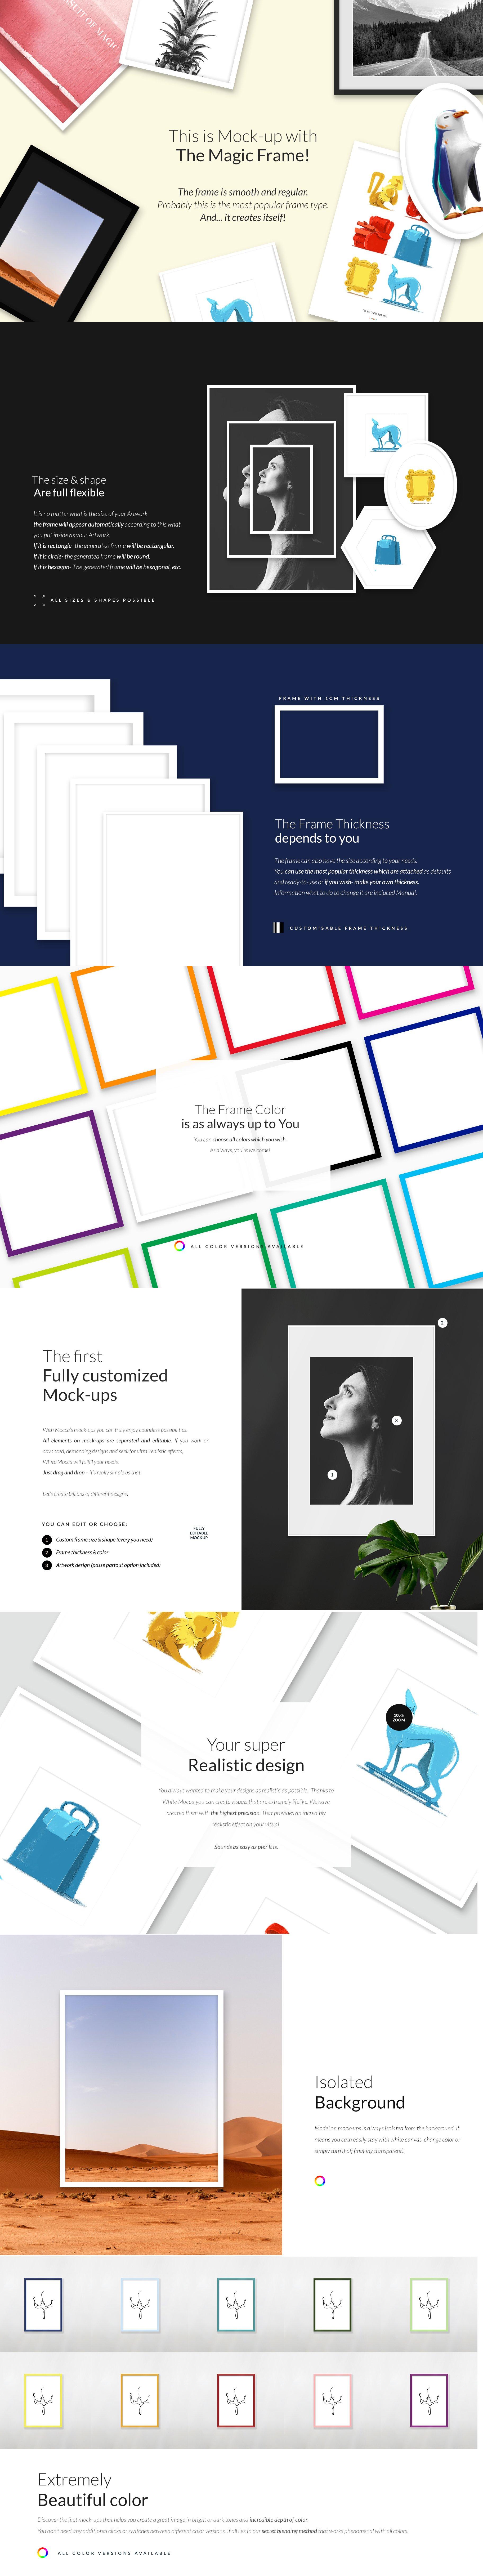 多款式海报艺术品展示相框样机模板素材 Automatic Frame Creator + Scenes插图1